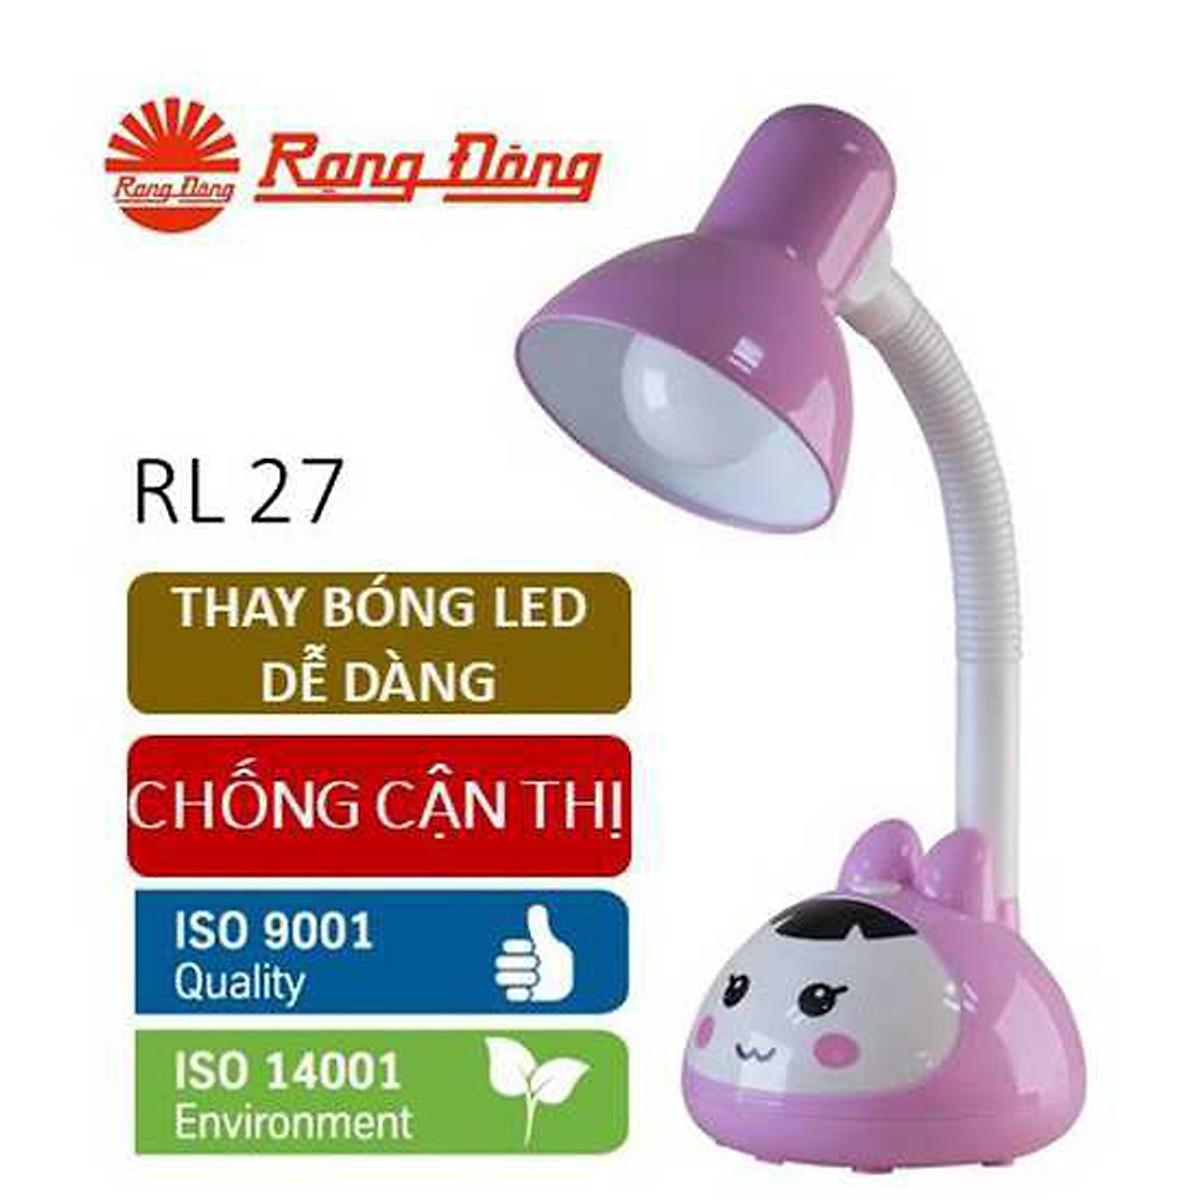 Đèn bàn LED chống cận bảo vệ thị lực Rạng Đông  mã RD-RL-27.LED - 1